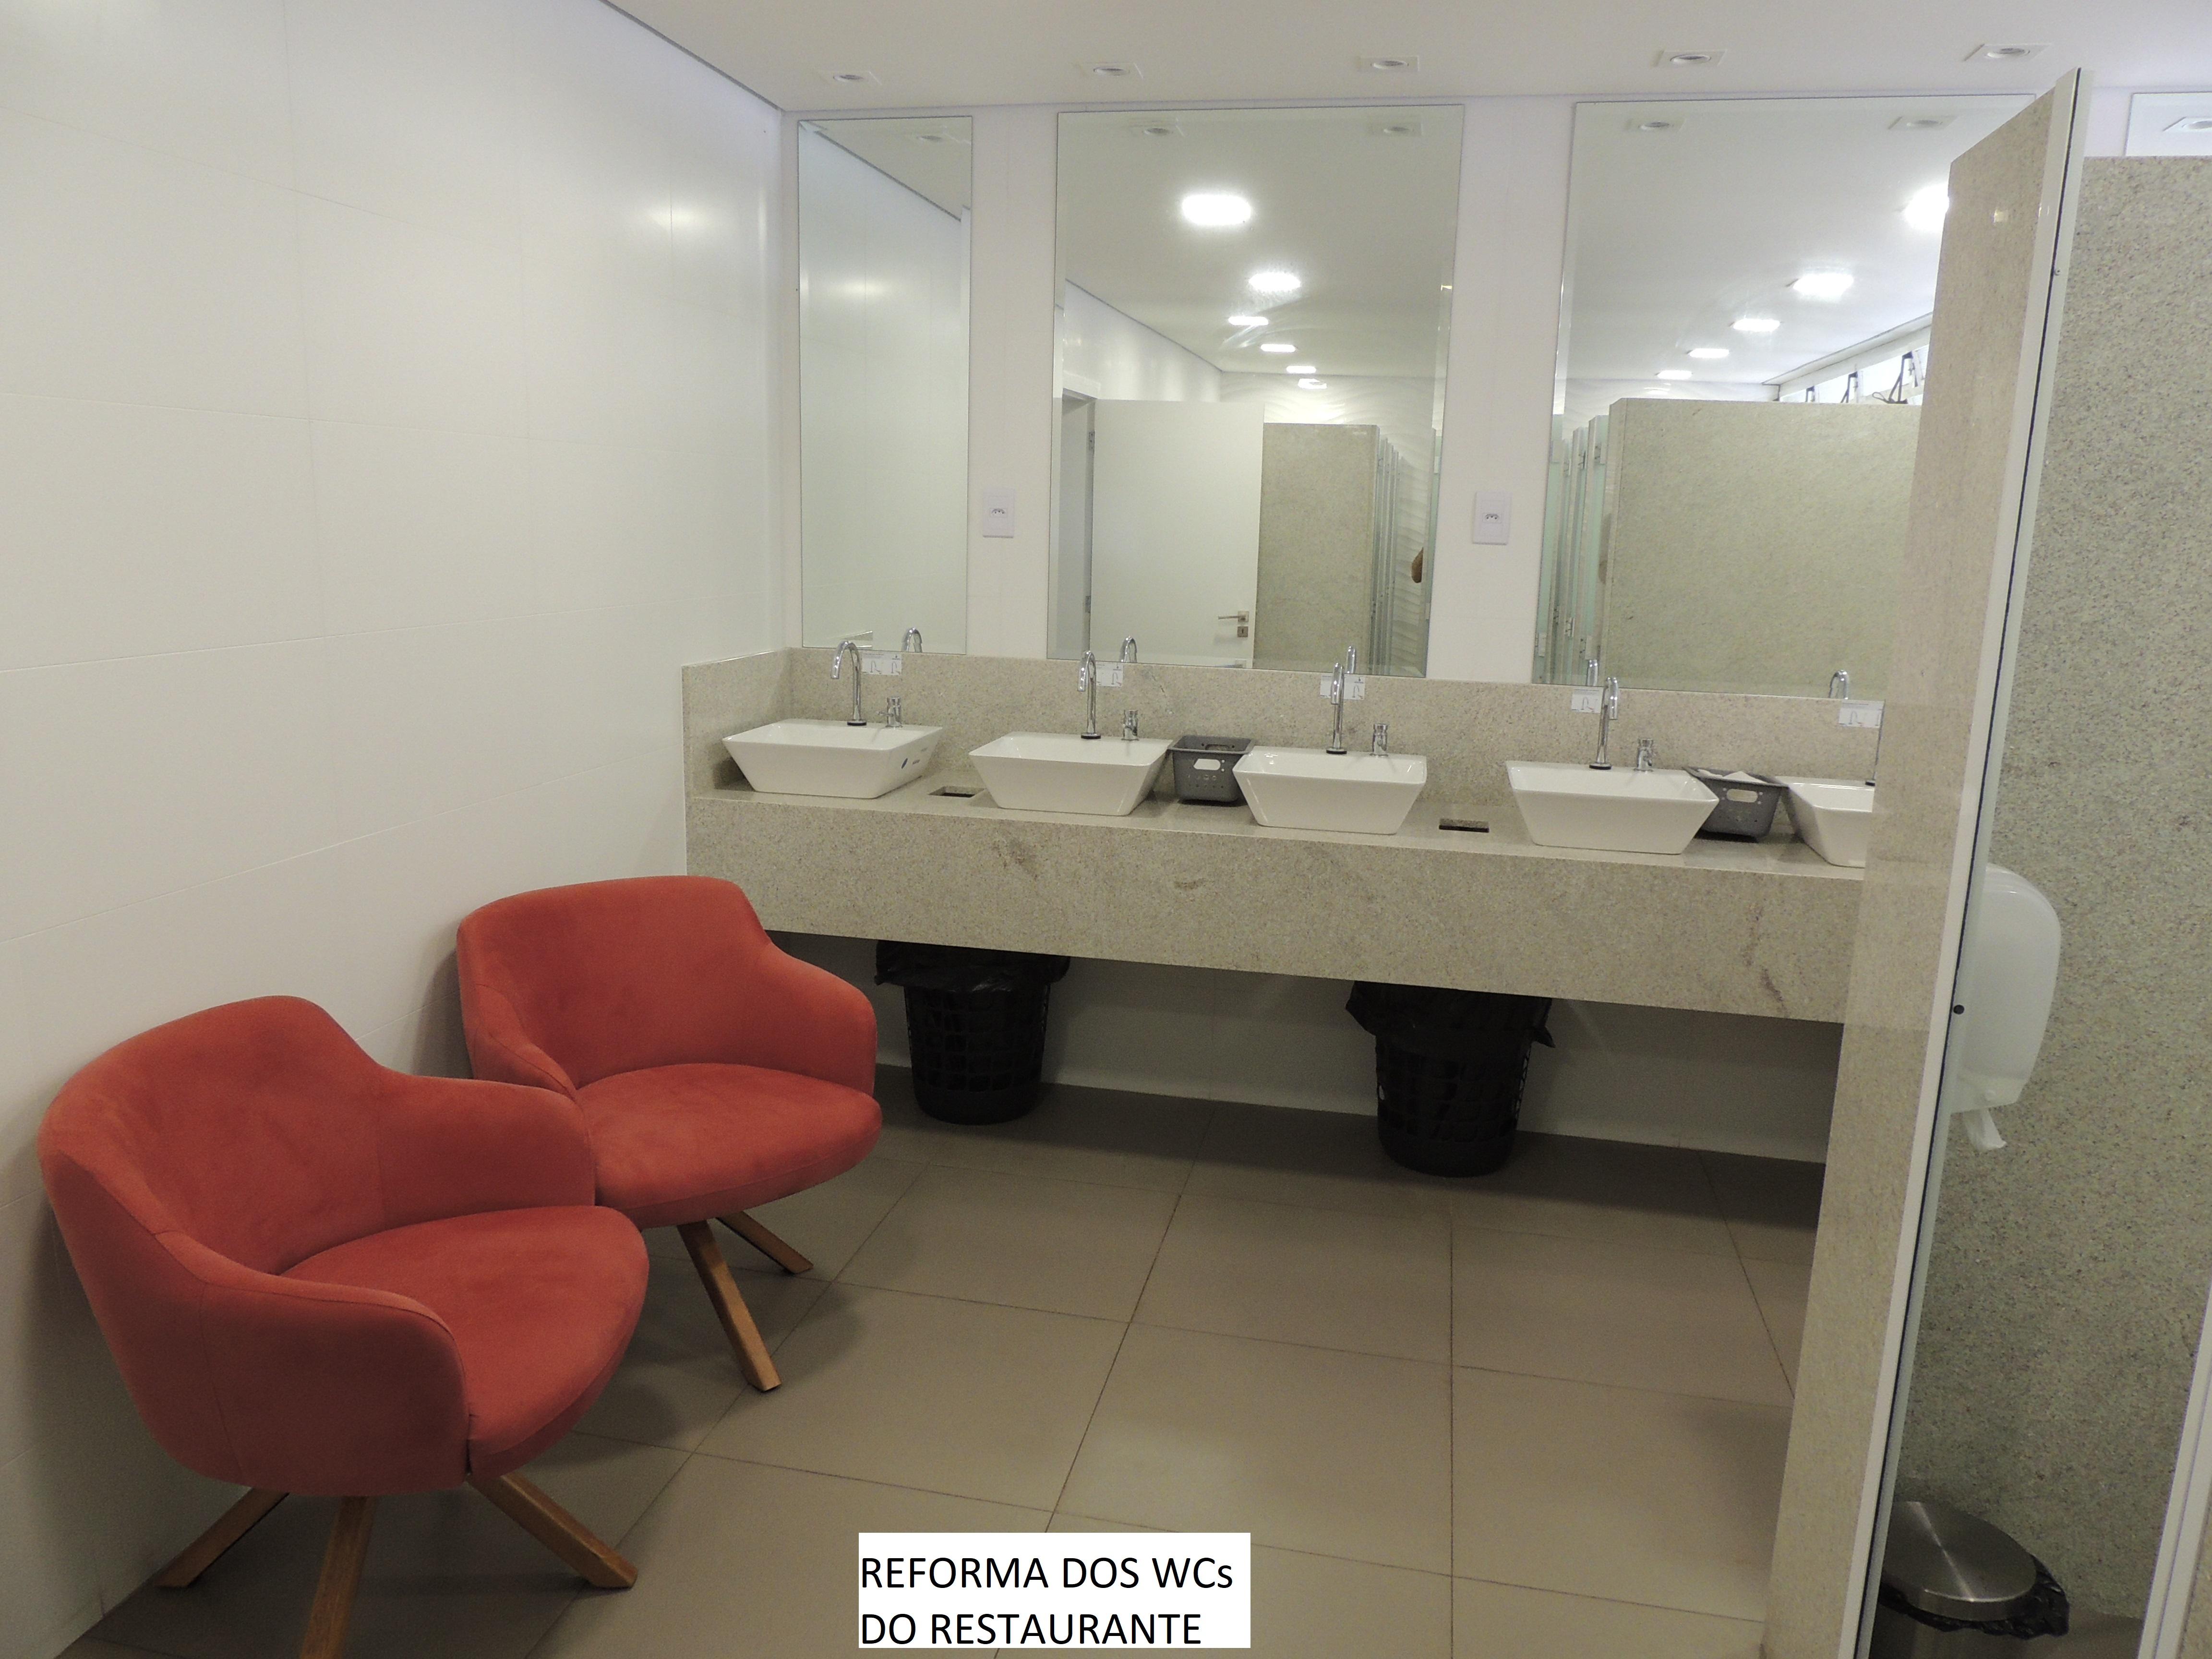 WCs DO RESTAURANTE